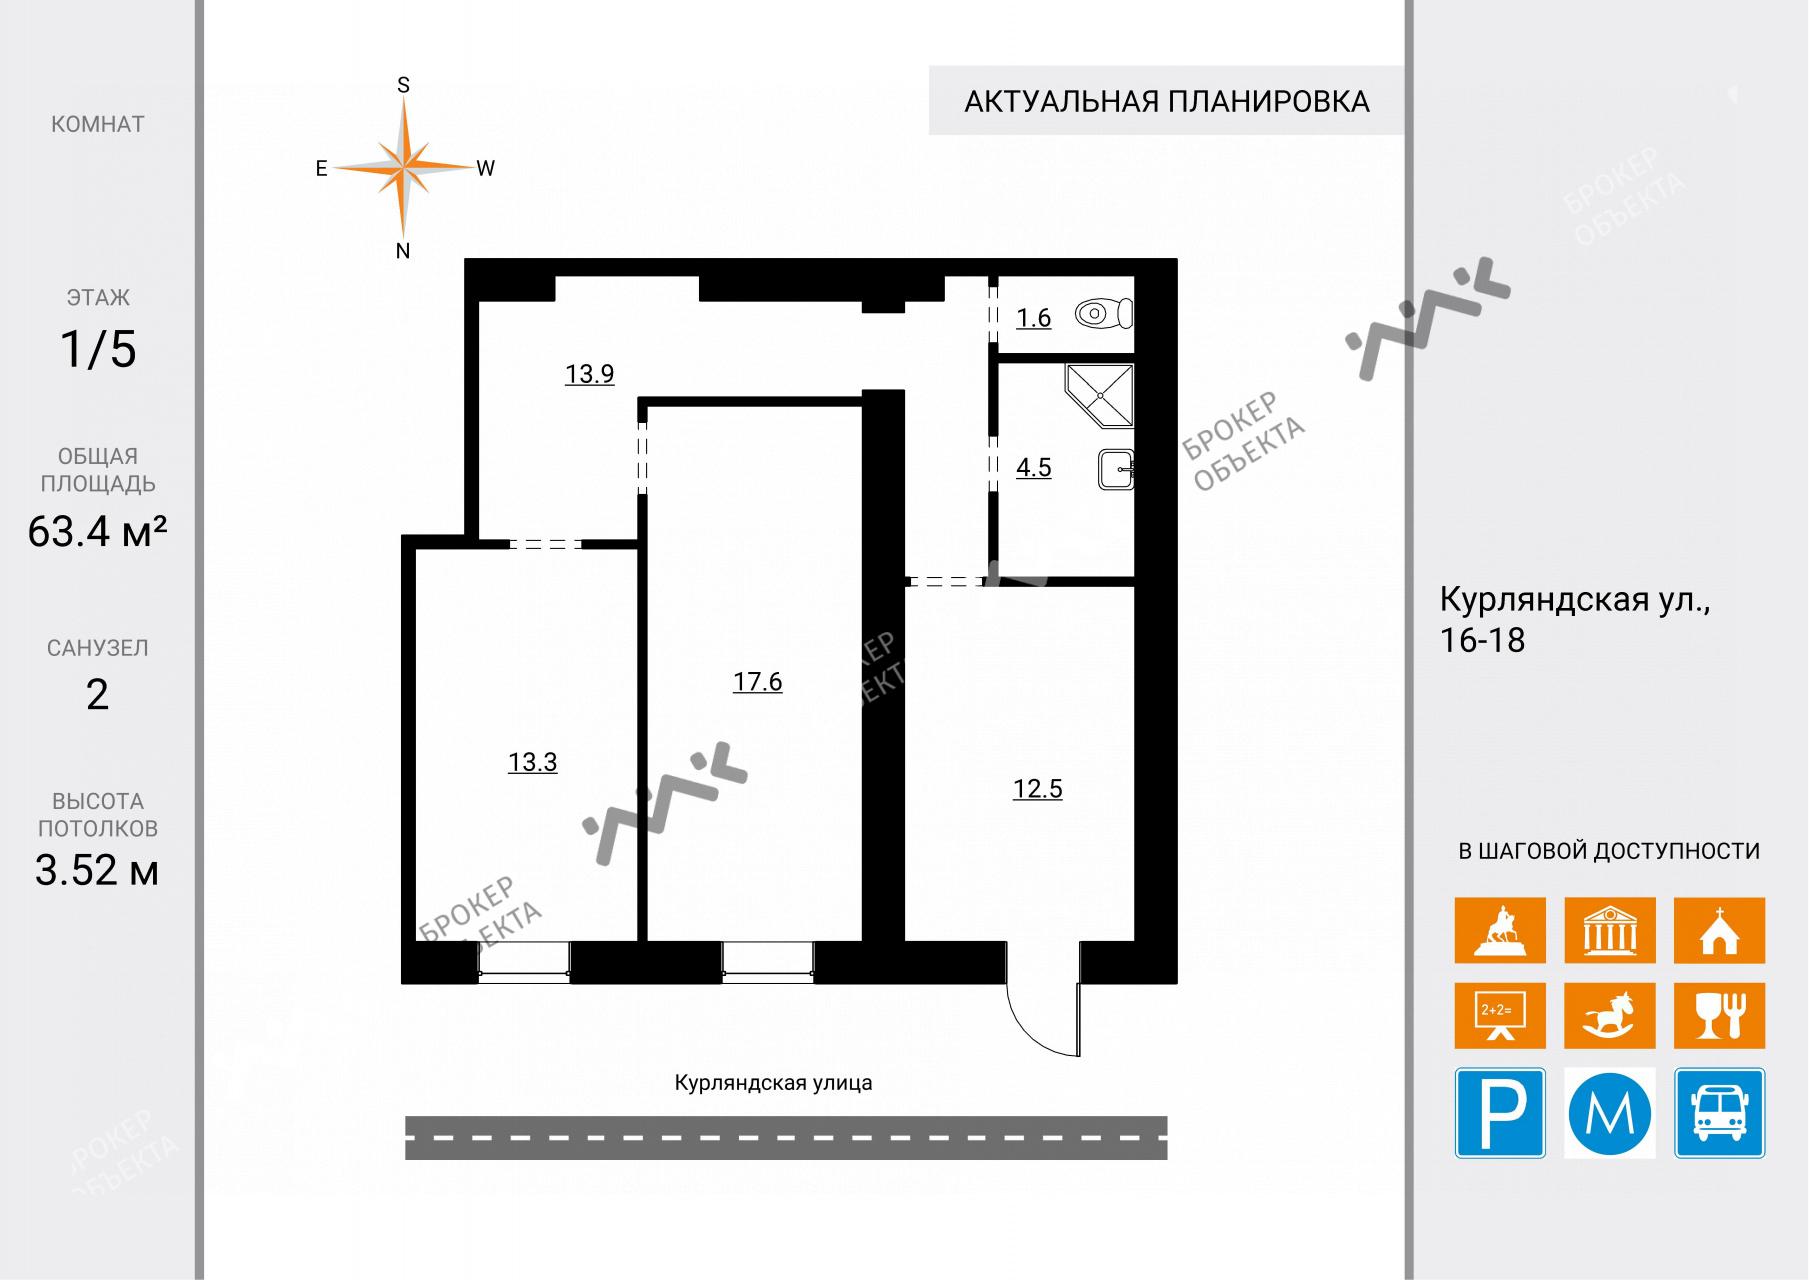 Планировка Курляндская ул., д.16-18, лит.А. Лот № 8057774